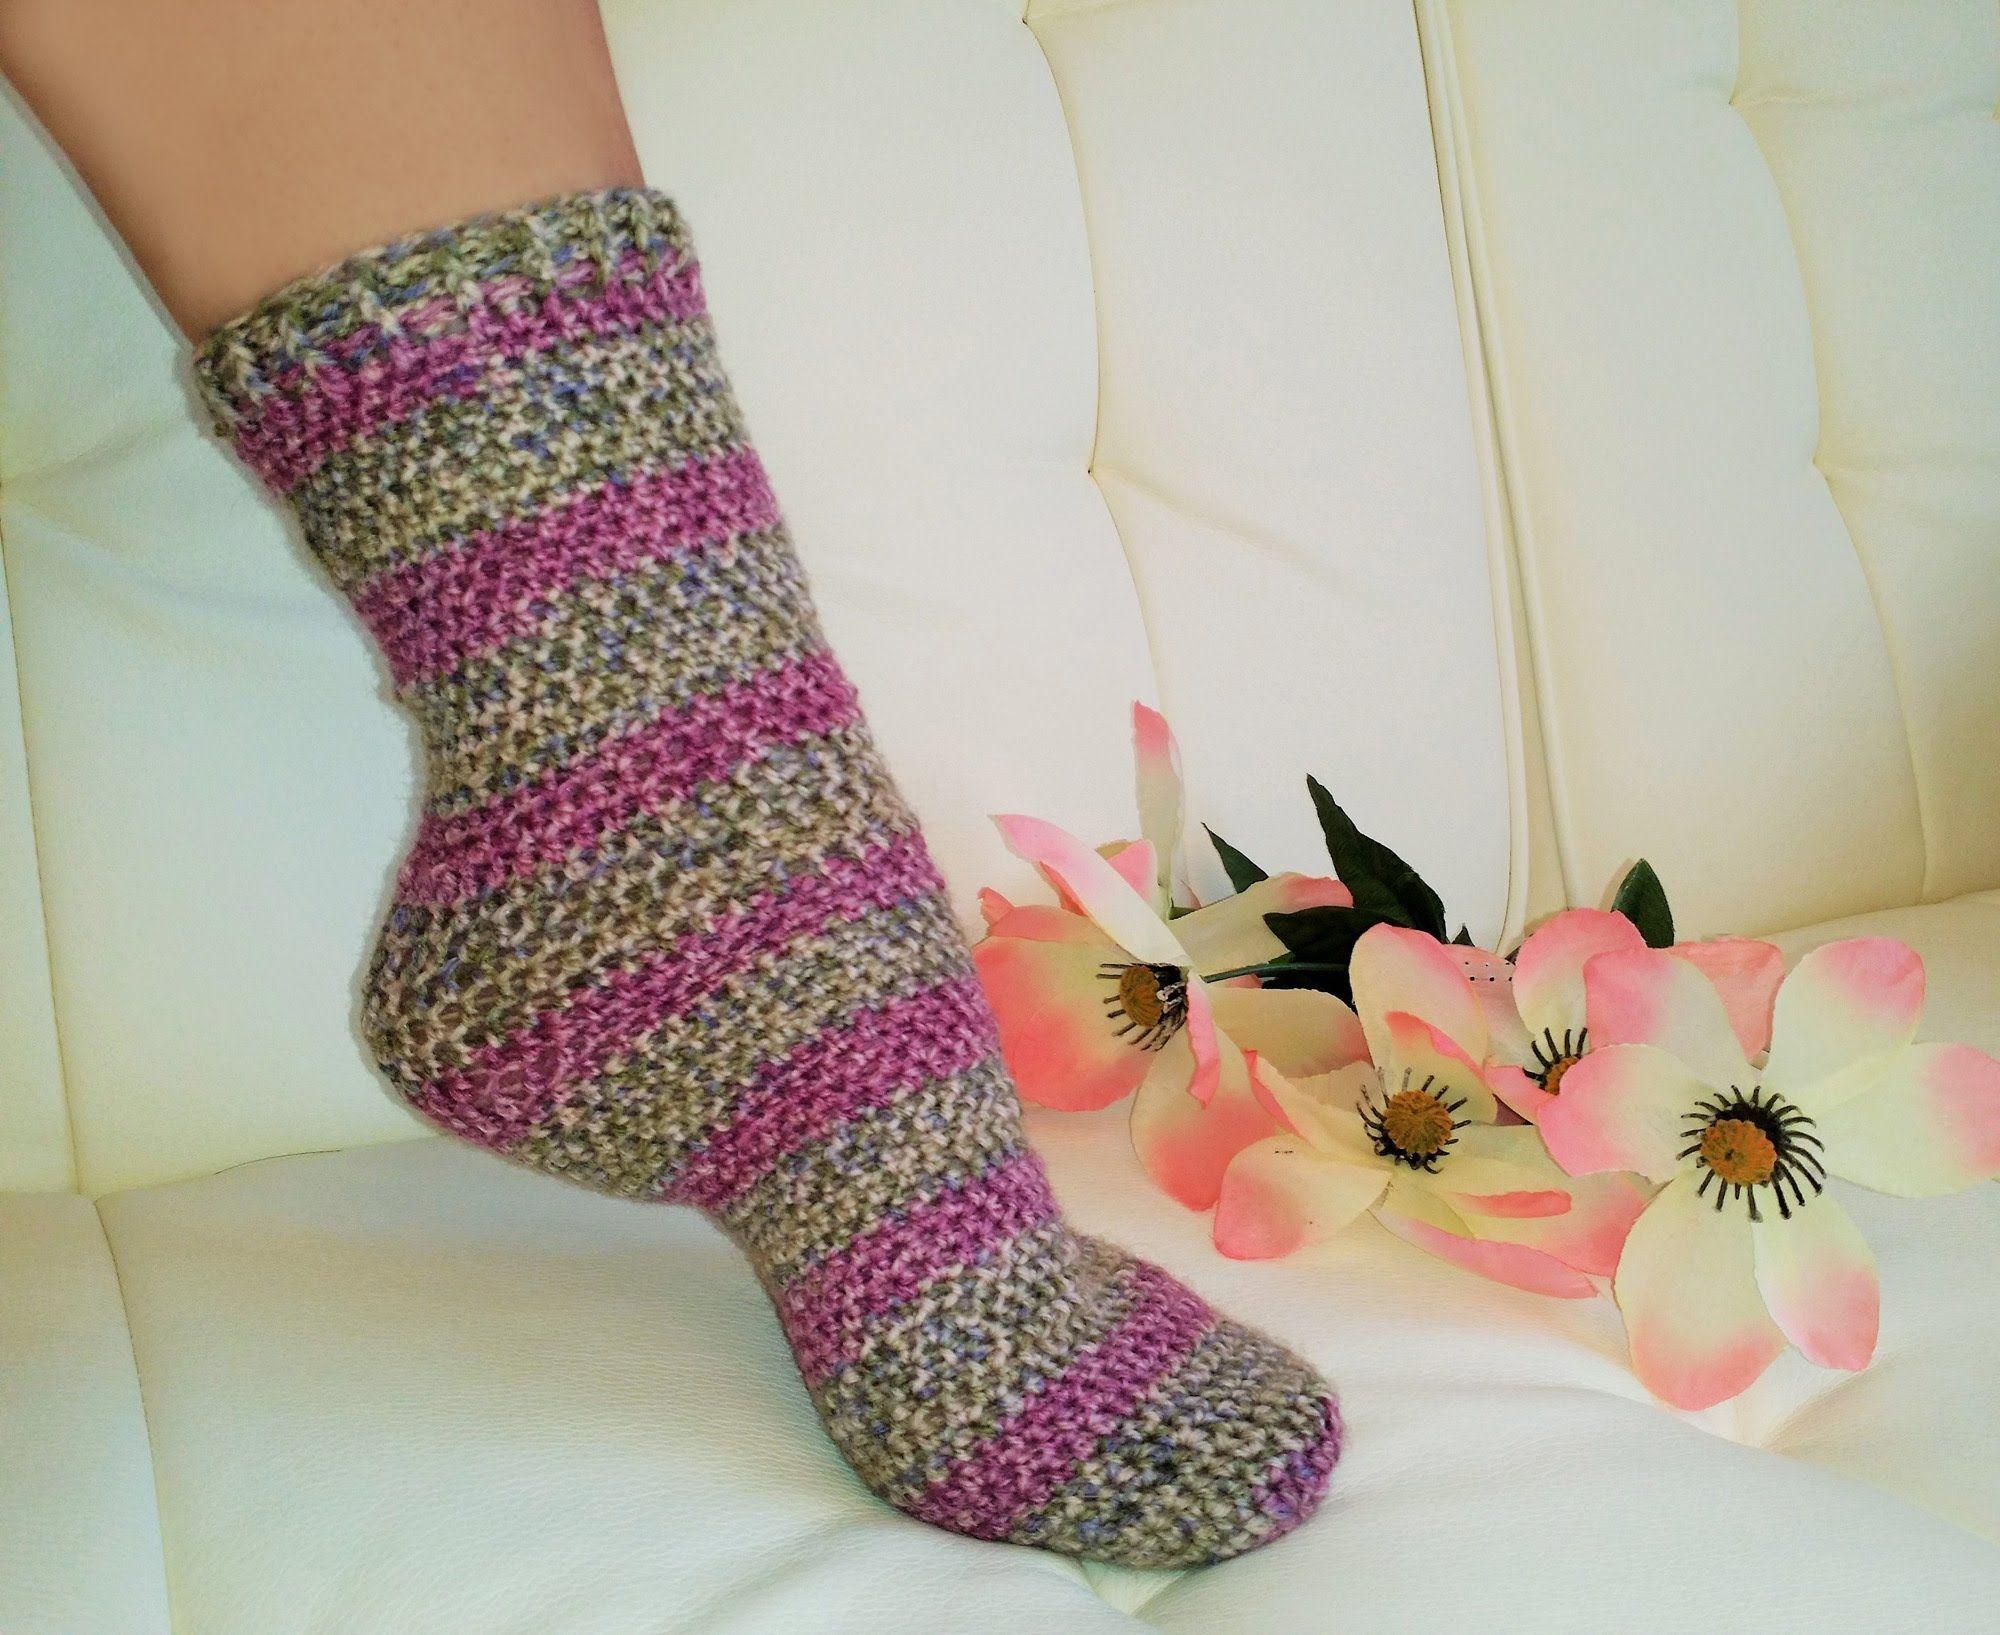 Crochet Glamas Easiest Tube Socks Everrrr Crochet Knitteach